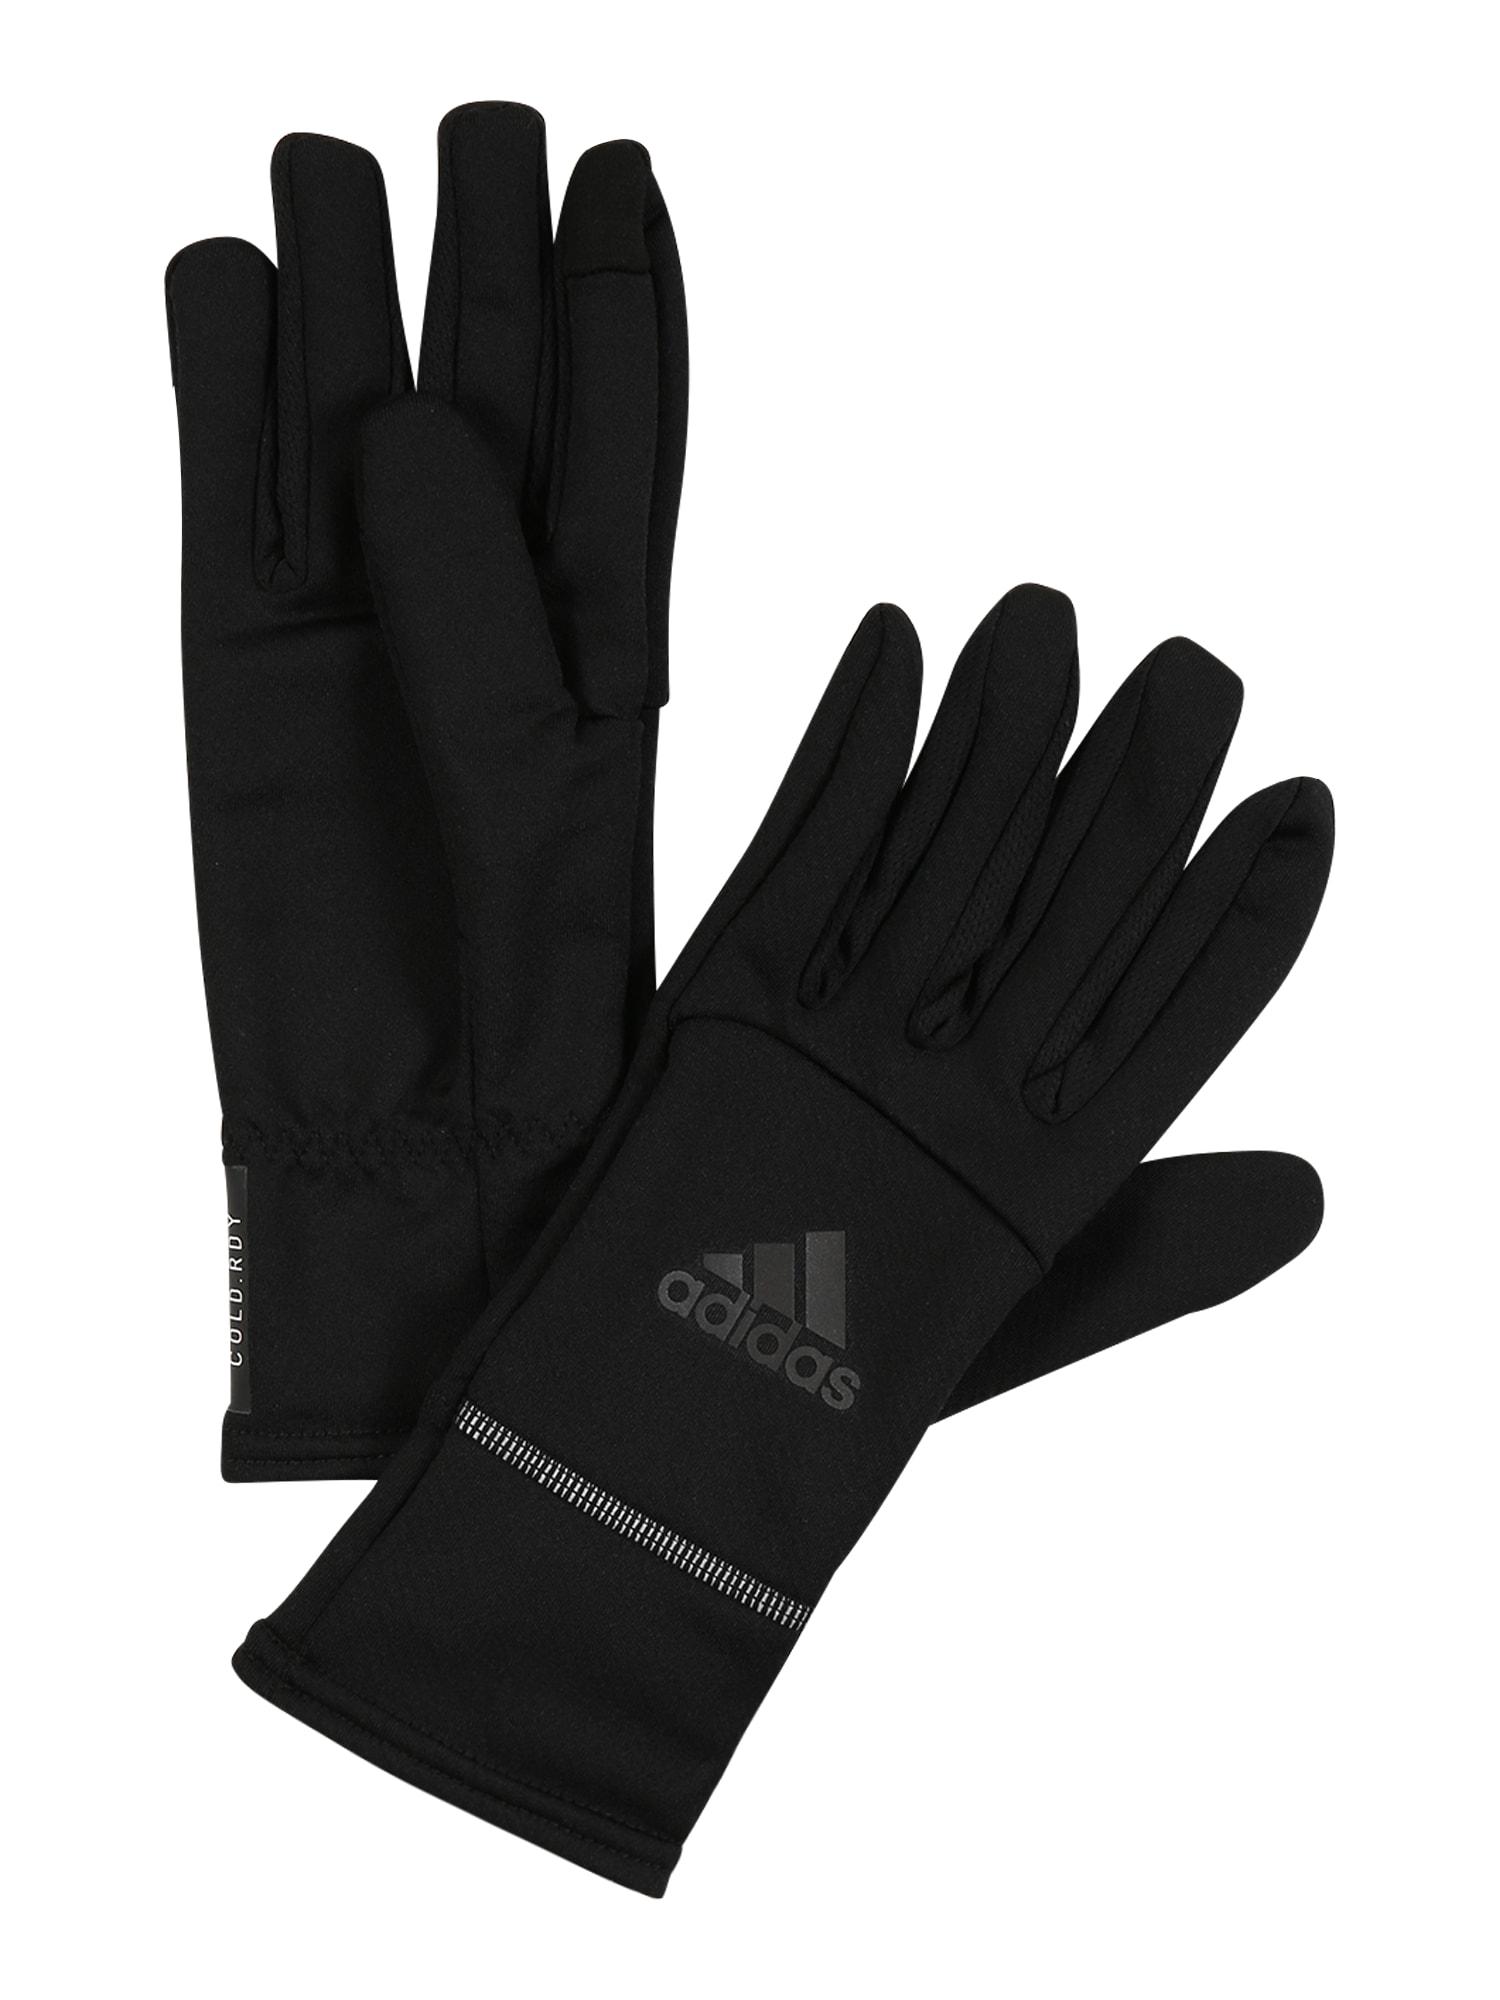 ADIDAS PERFORMANCE Sportinės pirštinės juoda / pilka / balta